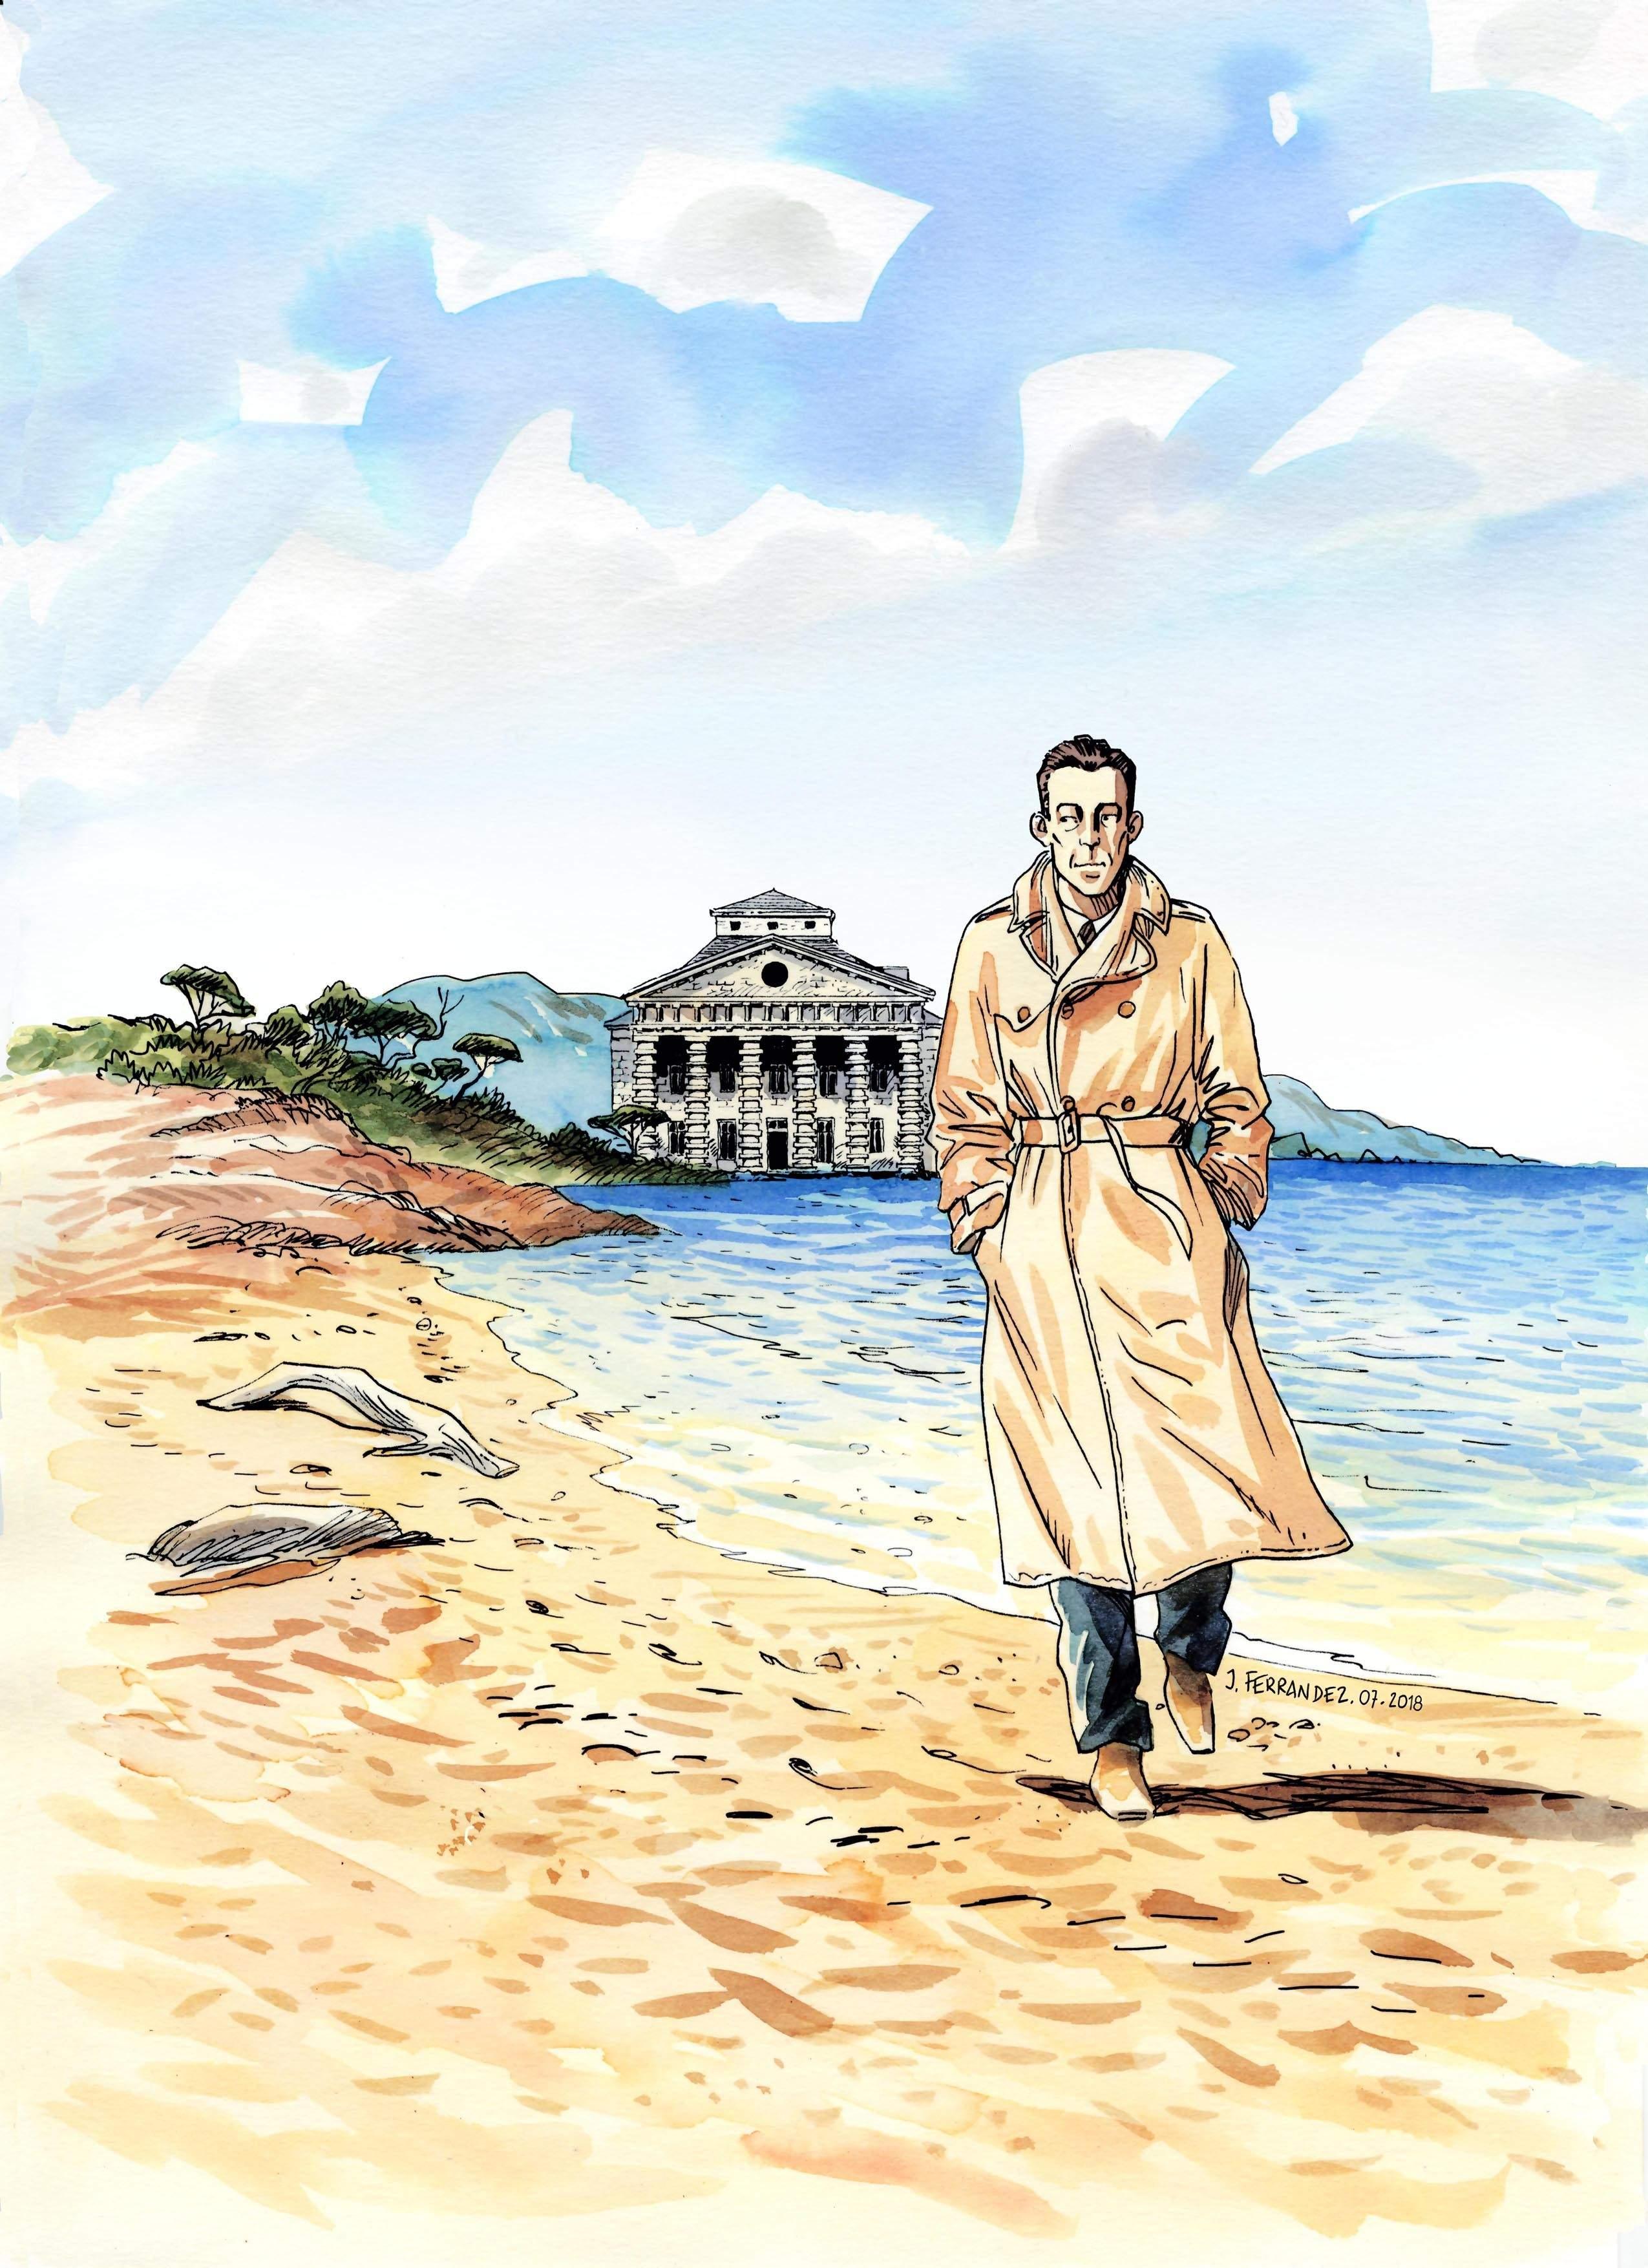 Jacques Ferrandez, l'oeuvre d'Albert Camus en bande dessinée